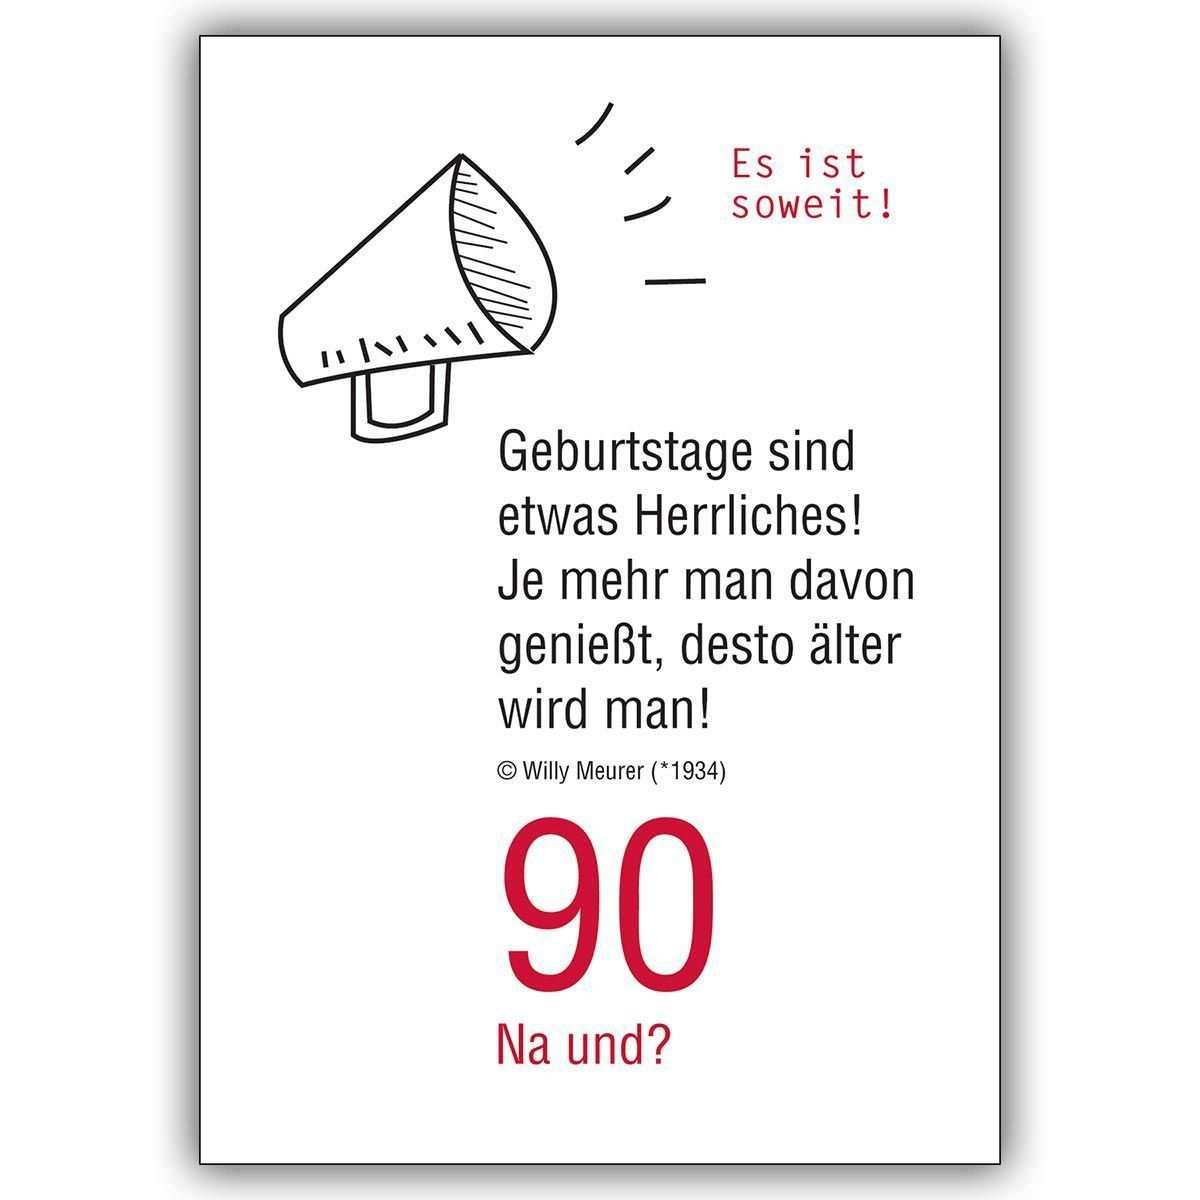 Einladungskarten Geburtstag Einladungskarten 90 Geburtstag Einladung Einladung 60 Geburtstag Geburtstag Einladung Vorlage Einladungskarten 60 Geburtstag